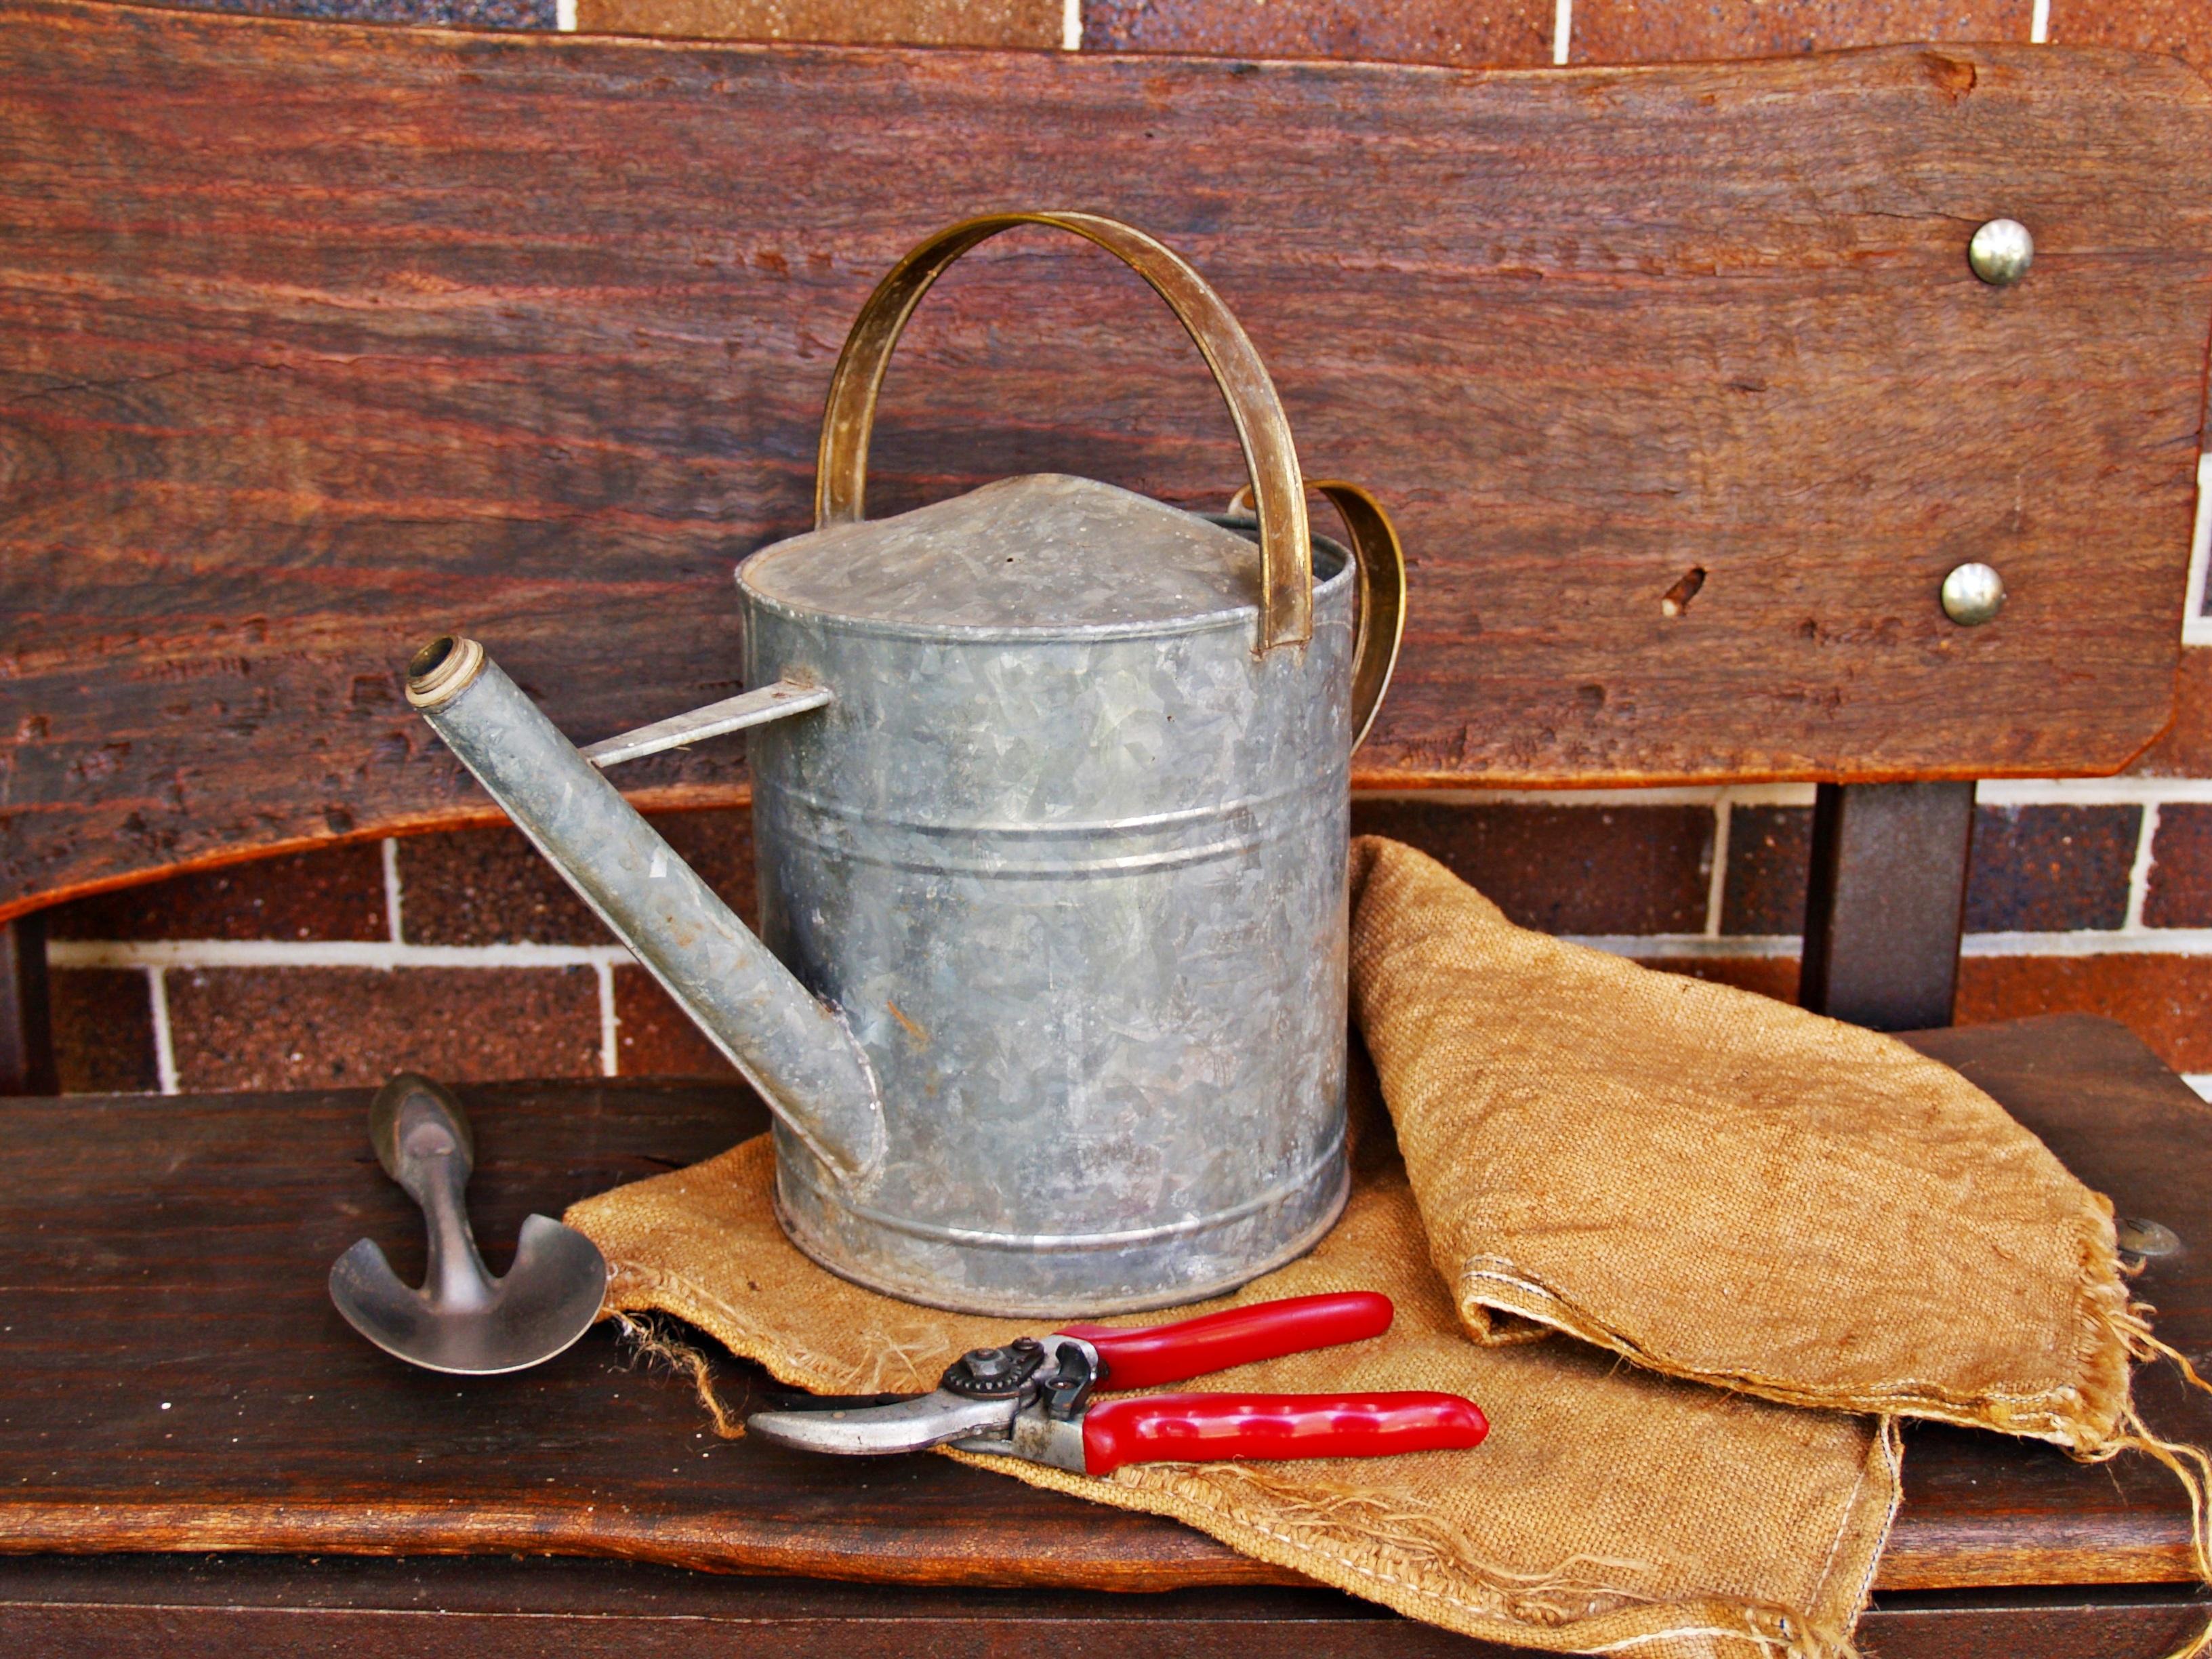 Houten Stoel Tuin : Gratis afbeeldingen : hout stoel pot rustiek uitrusting tuin